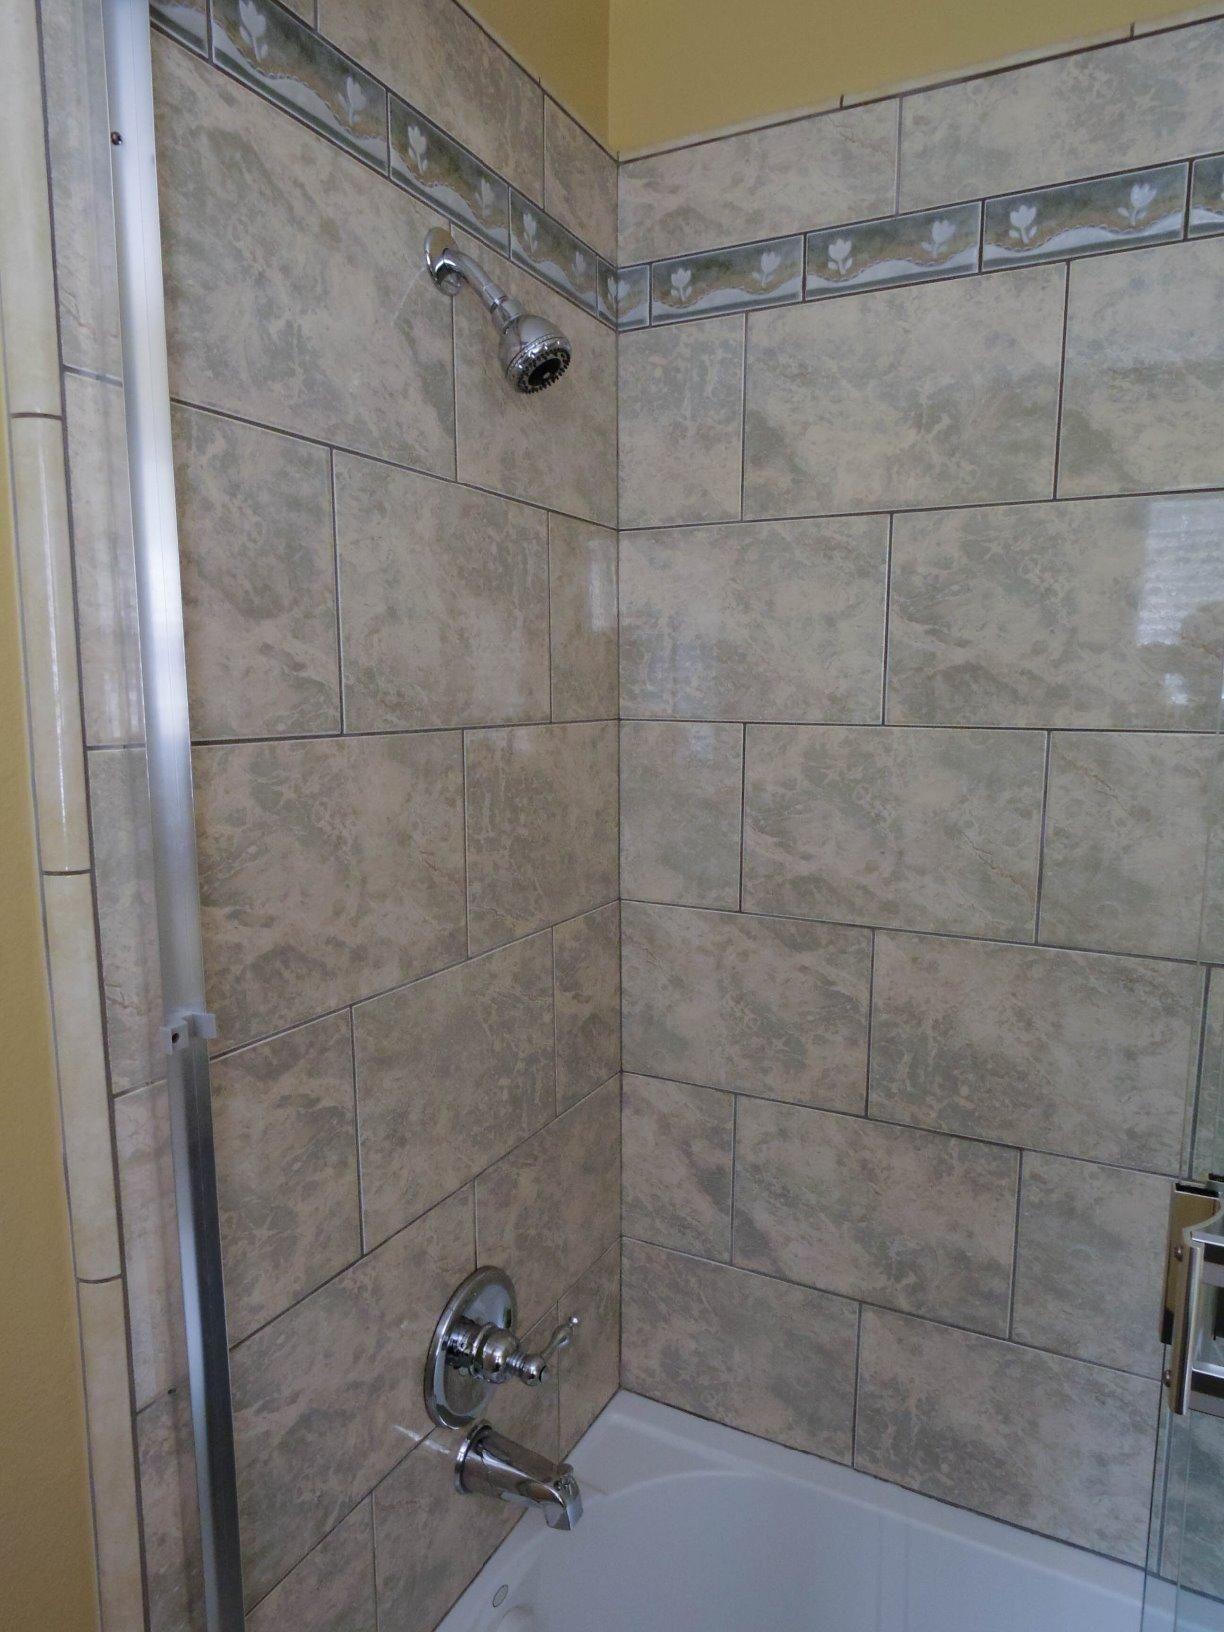 2432 best Shower Faucets images on Pinterest | Bathroom, Shower ...